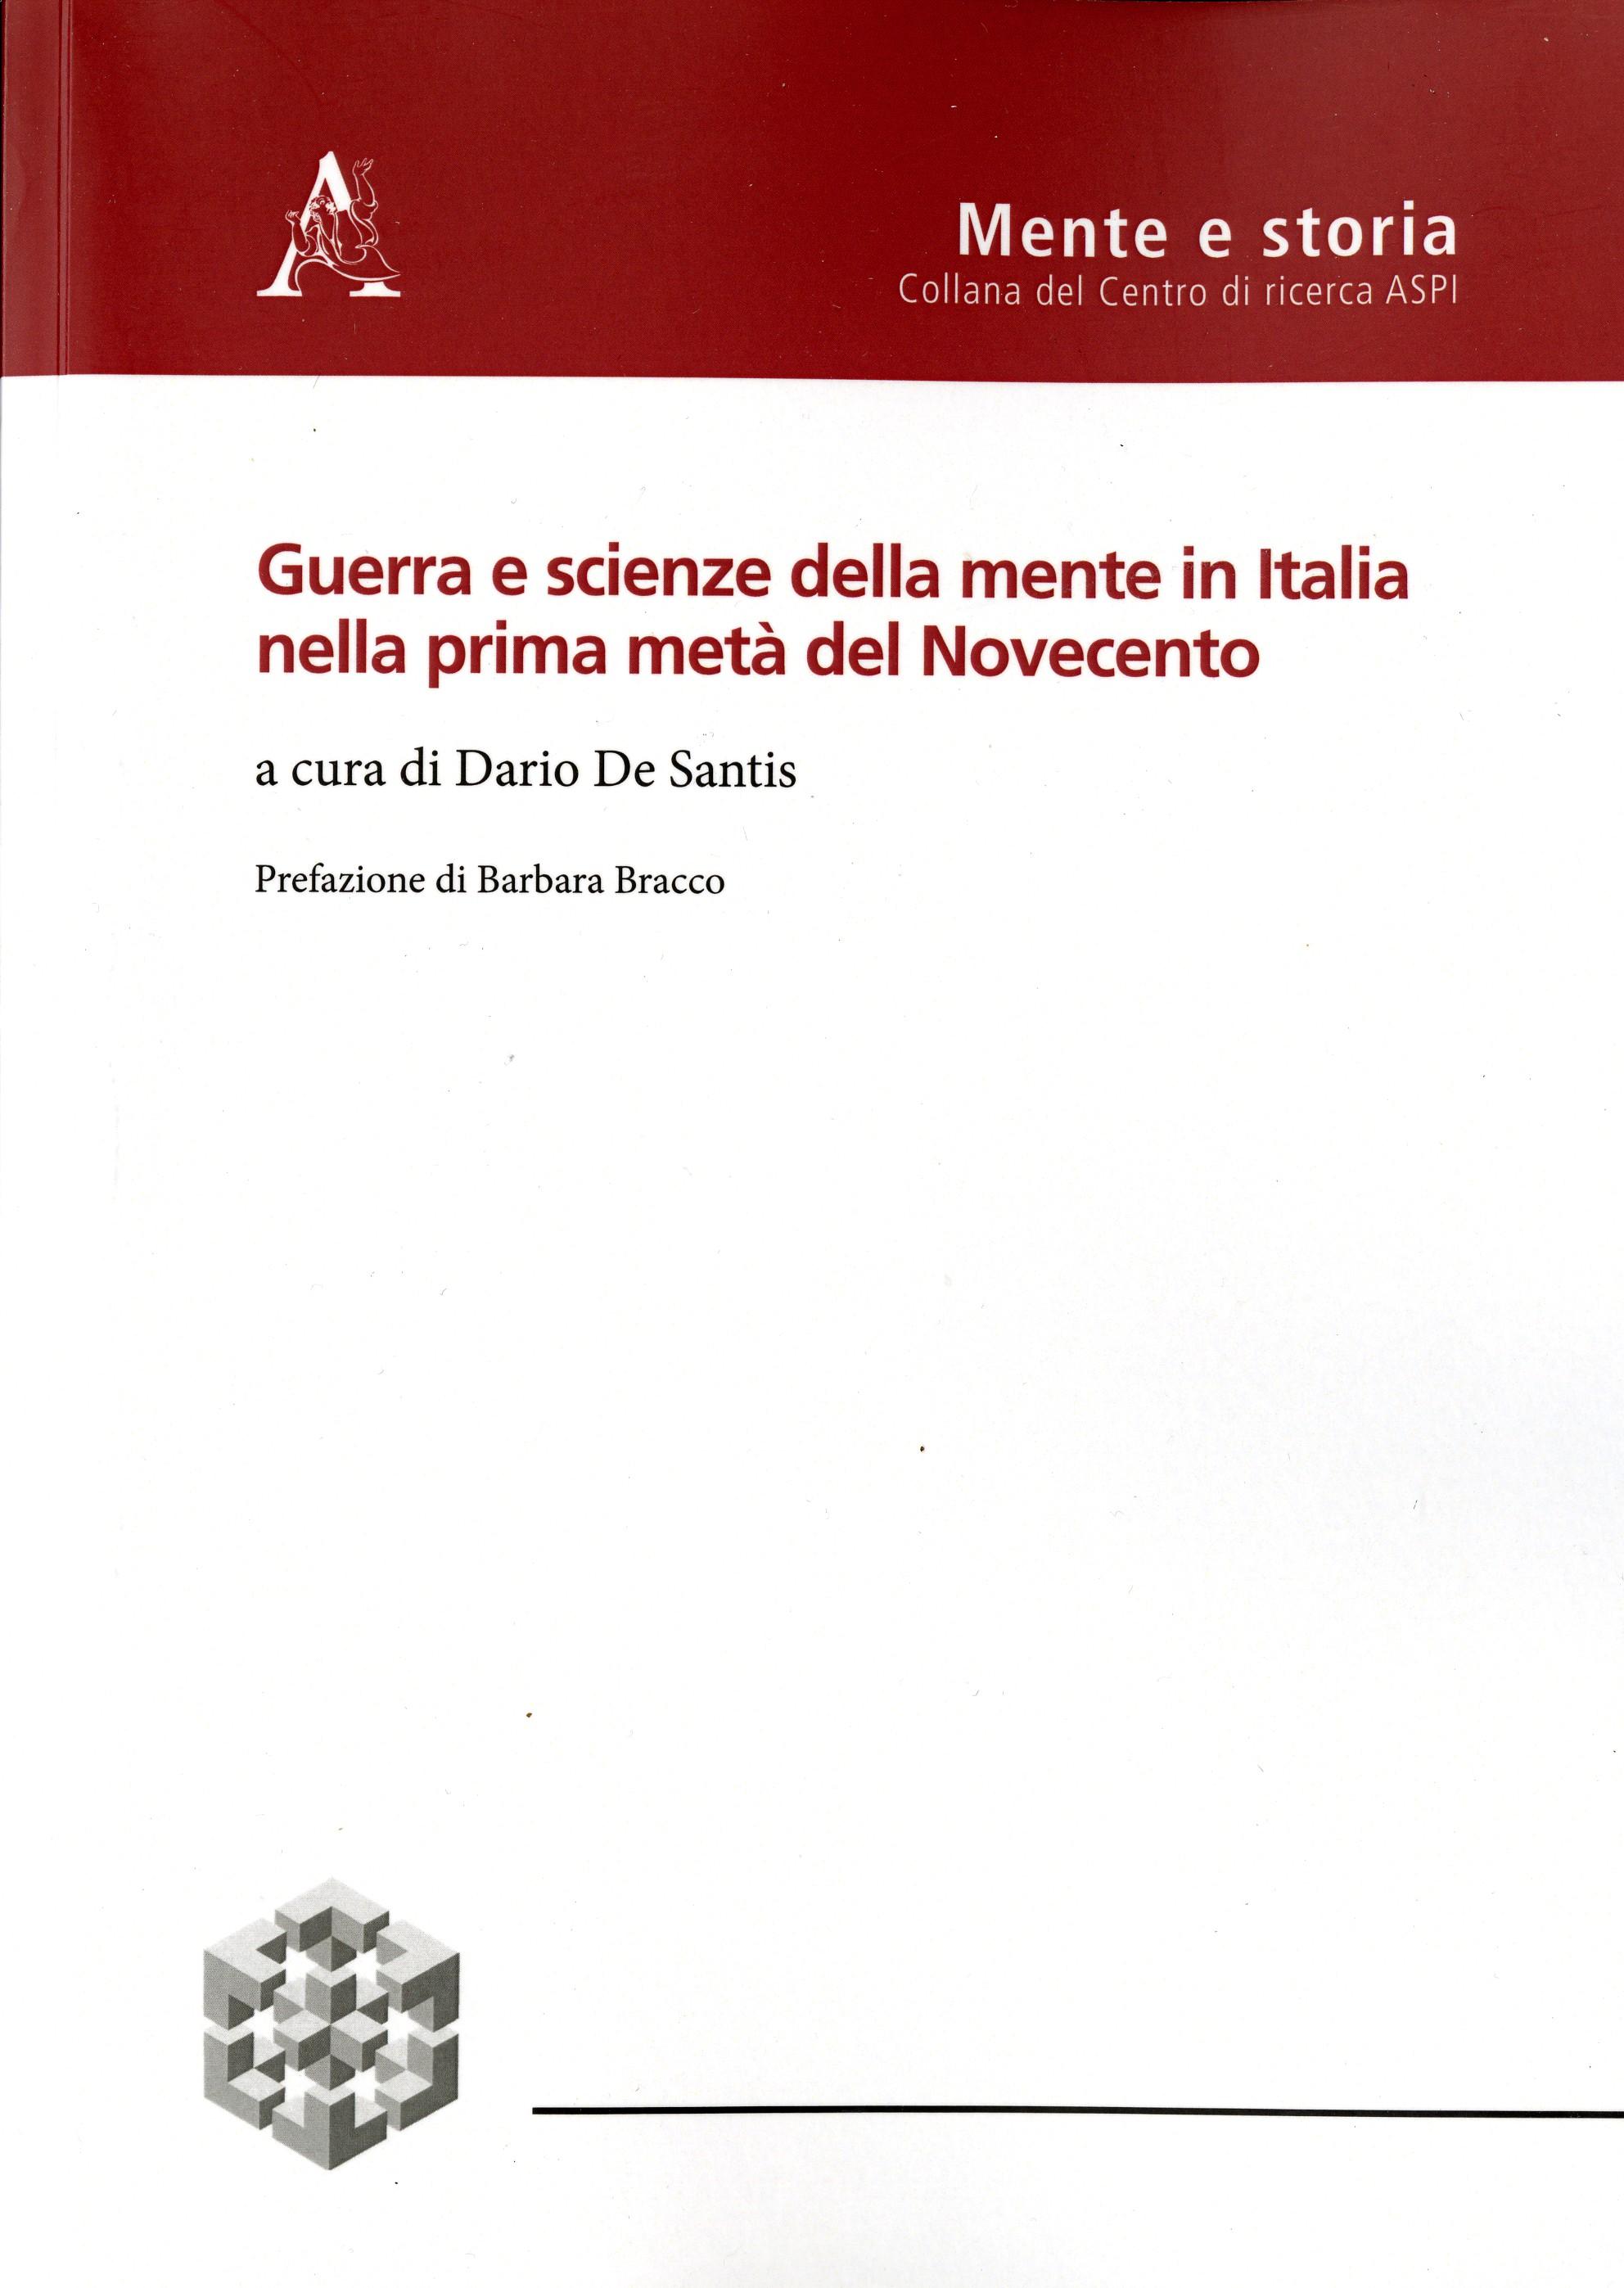 Guerra e scienze della mente in Italia nella prima metà del Novecento